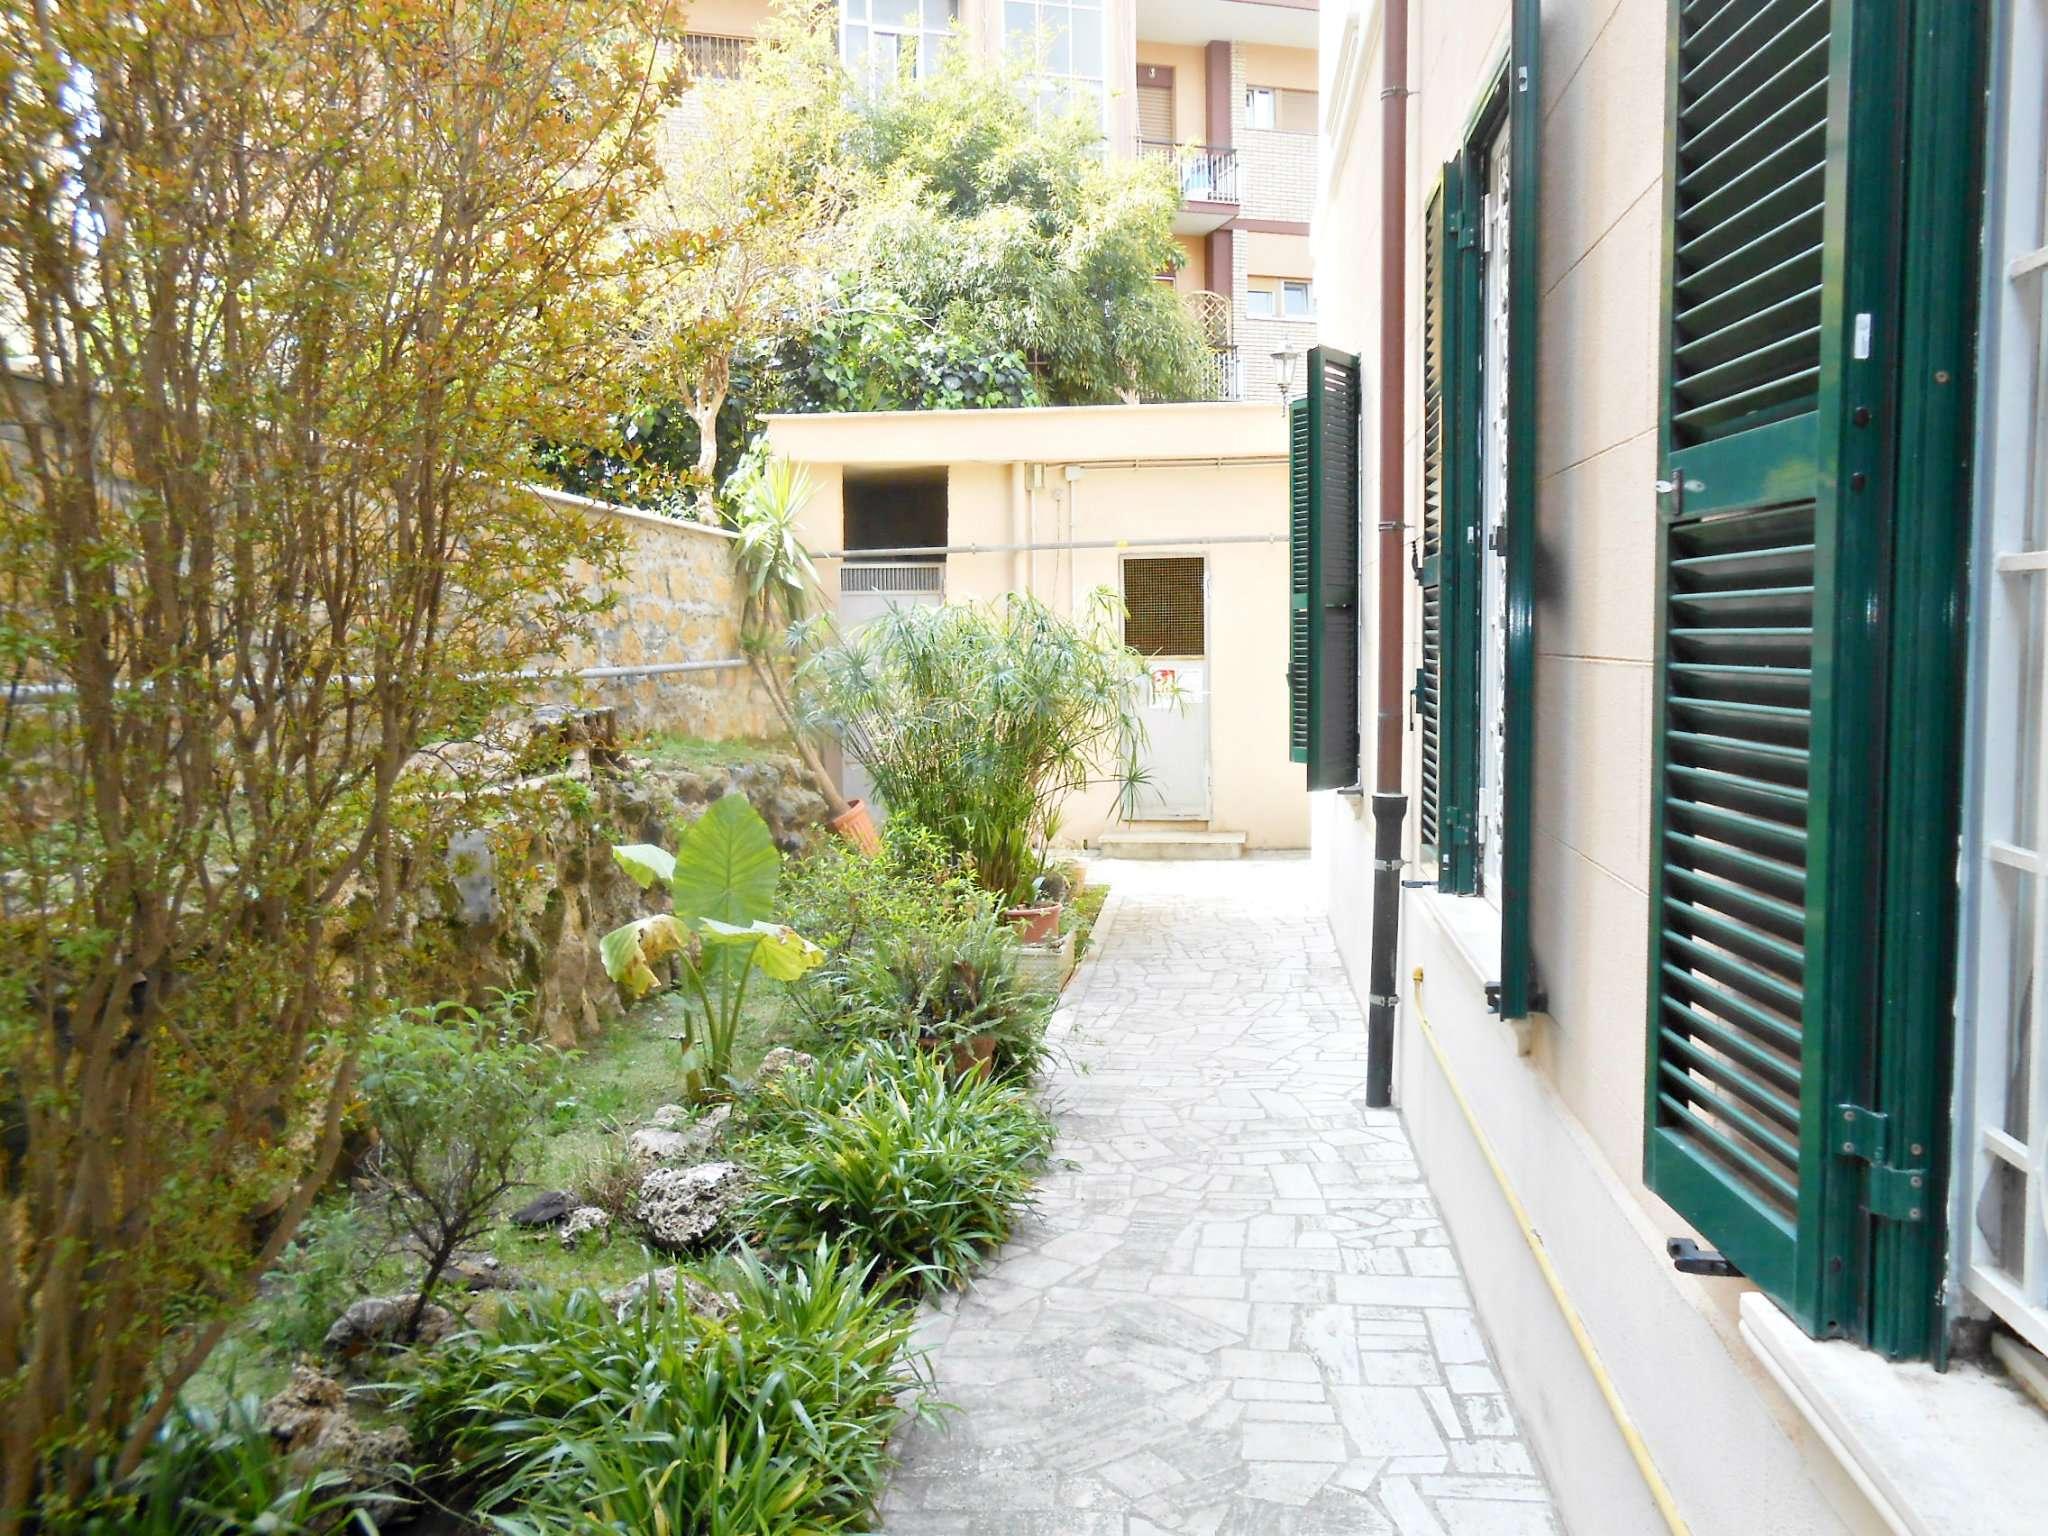 In Affitto - Transitorio Trilocale a Roma